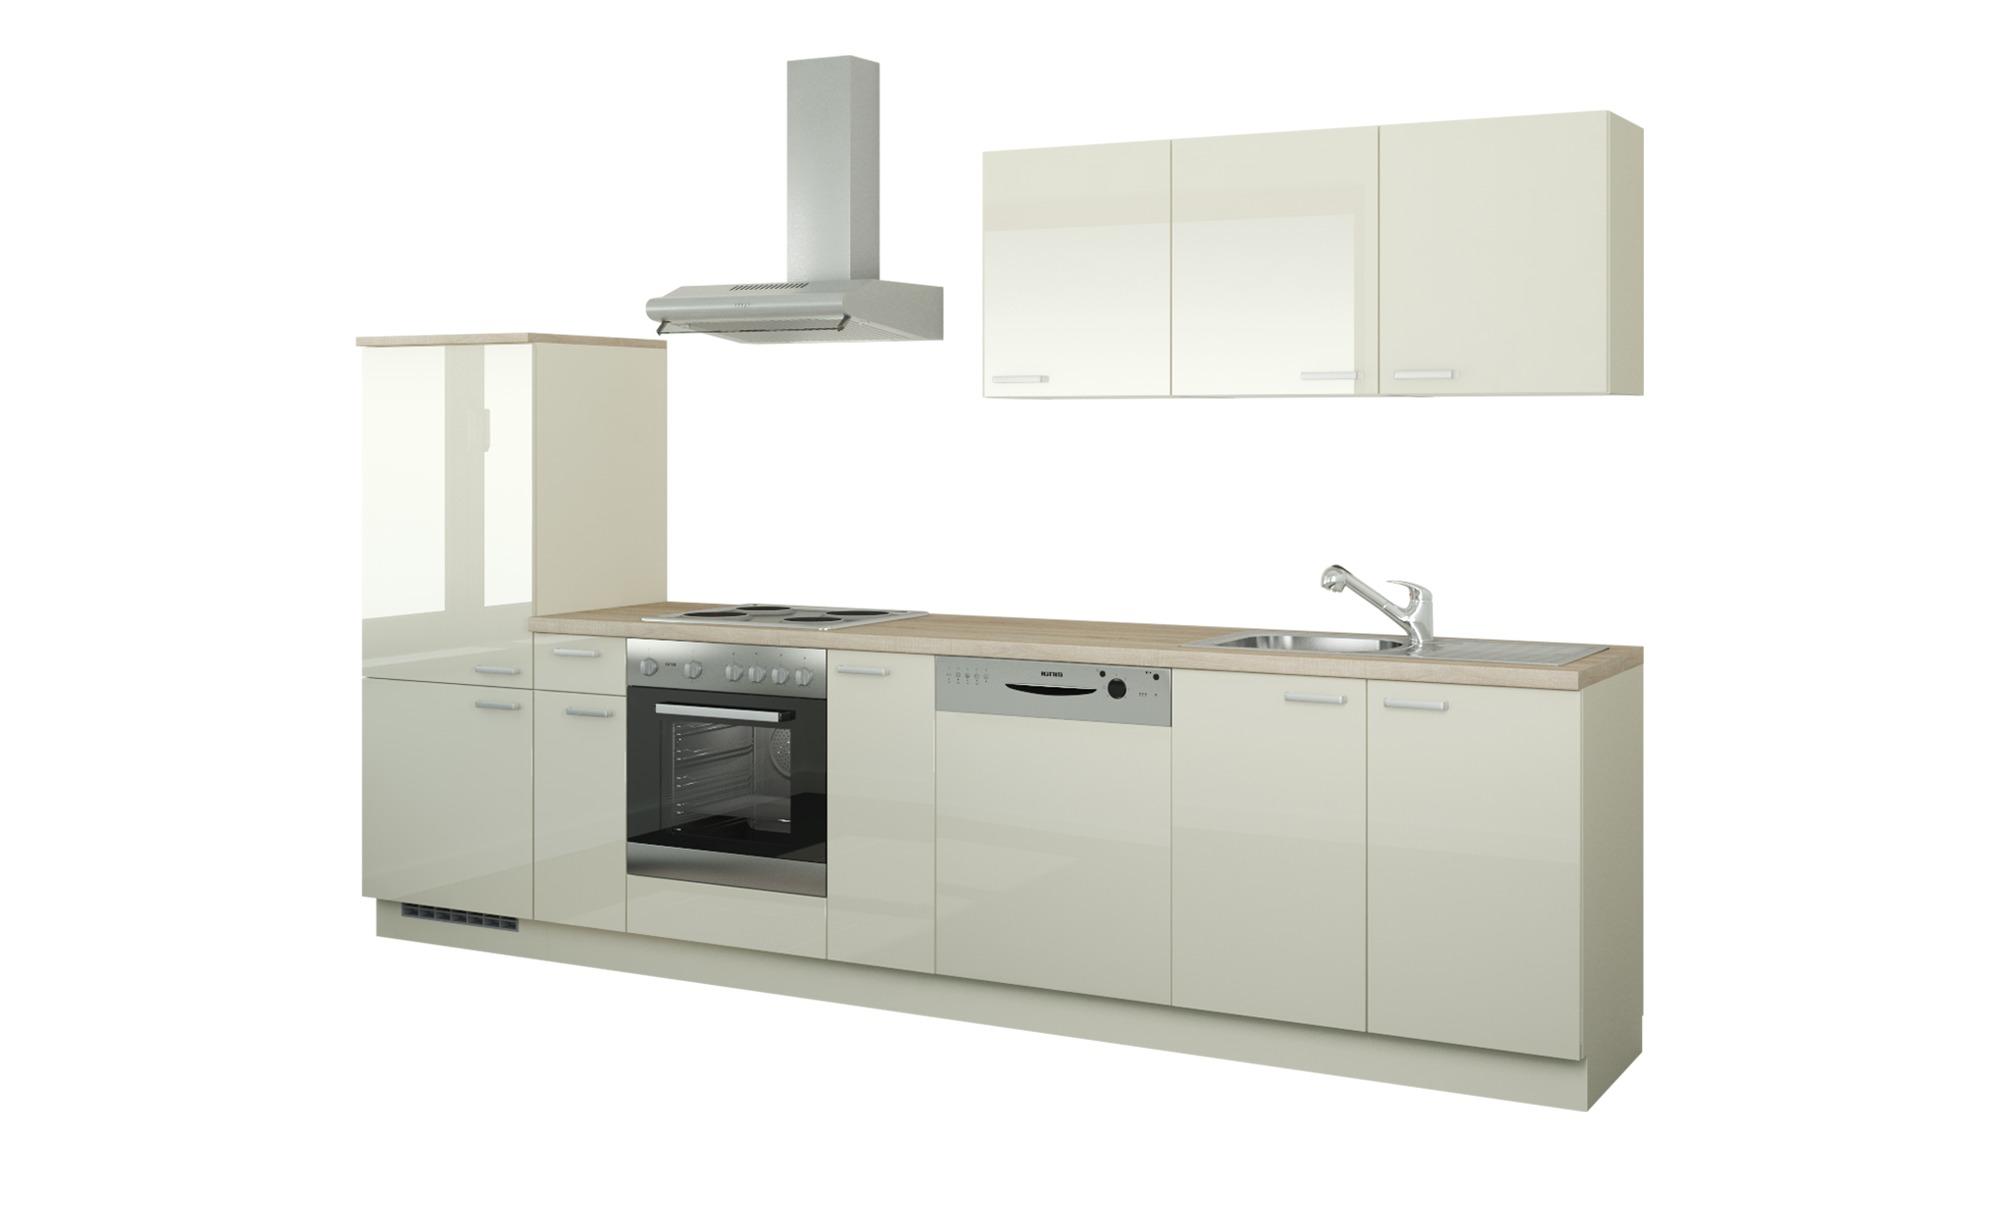 Küchenzeile mit Elektrogeräten  Coburg ¦ creme Küchen > Küchenblöcke mit E-Geräten - Höffner